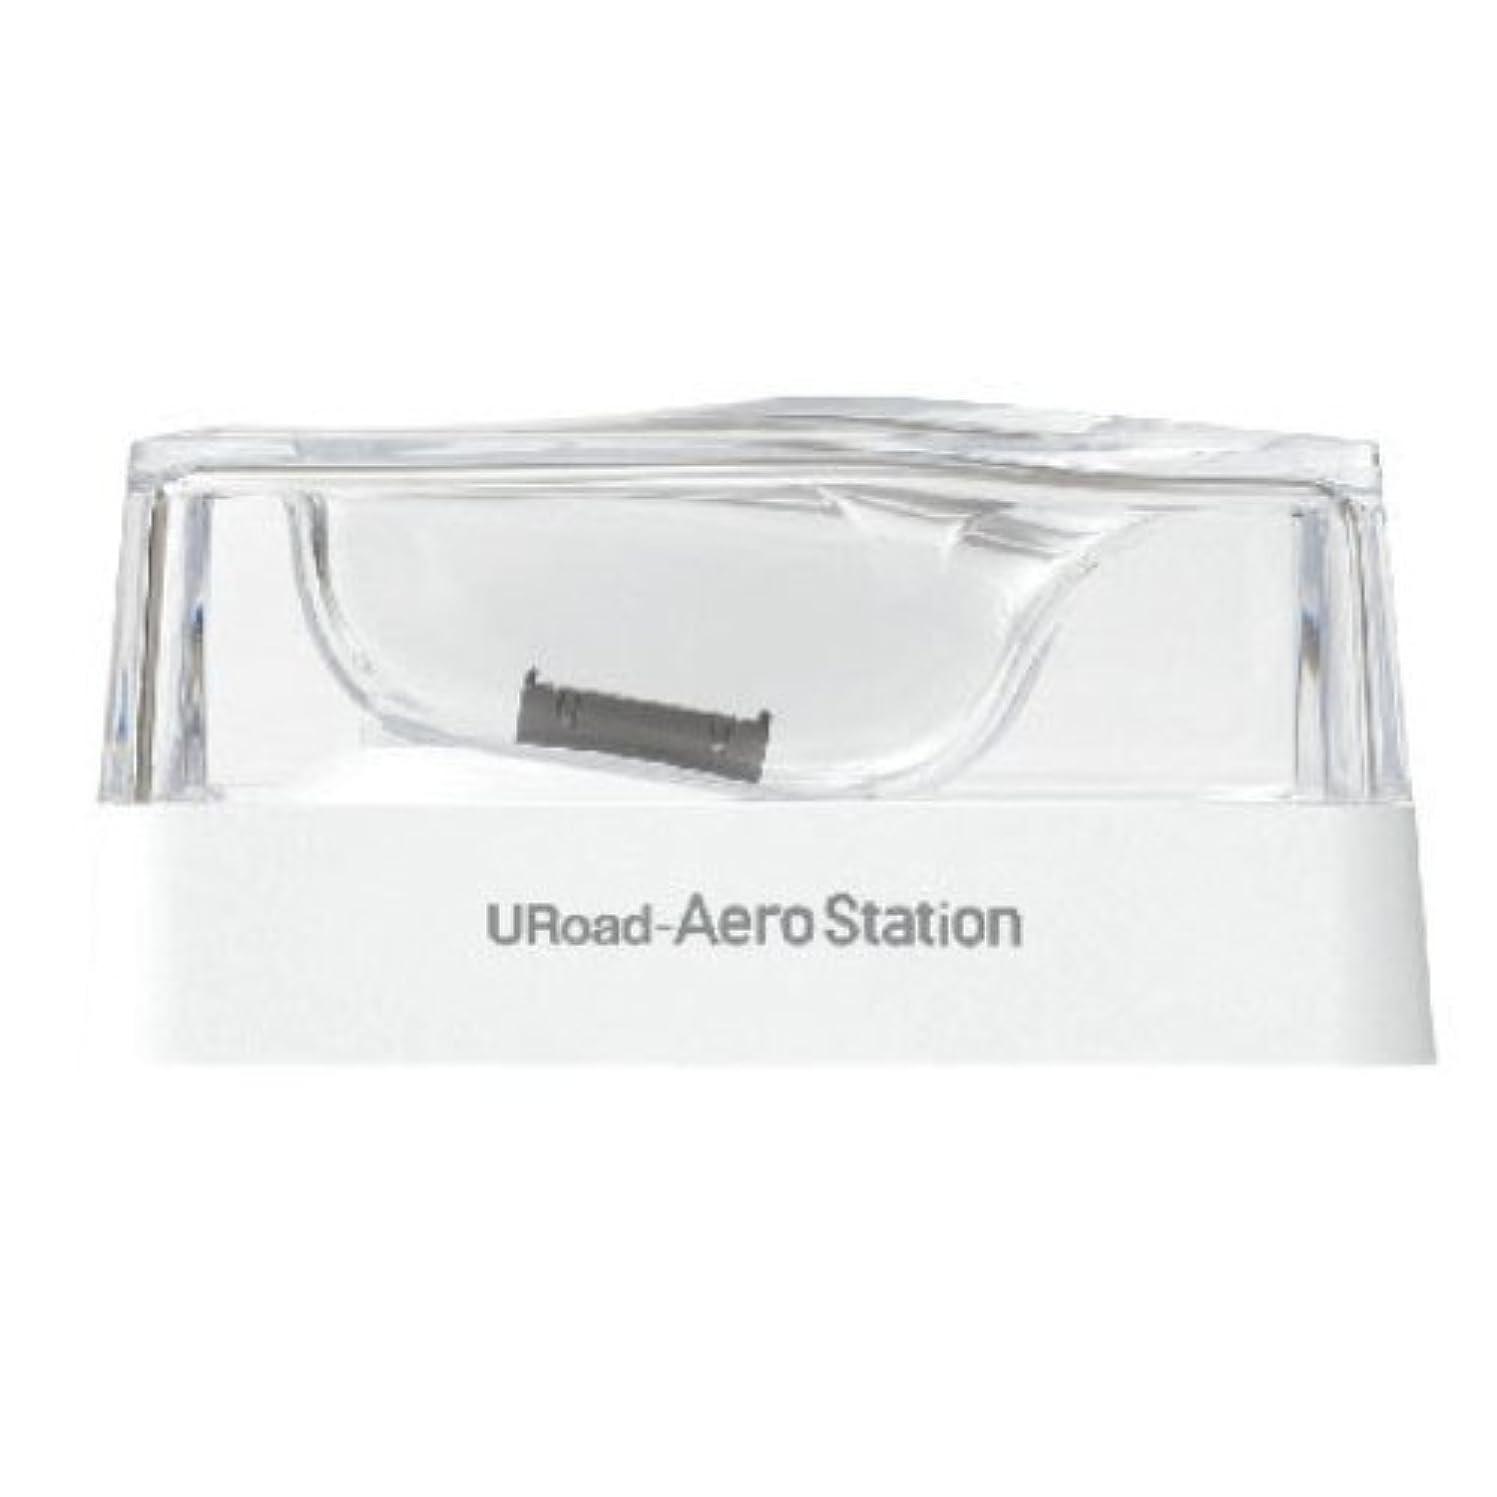 穀物可能性気になるシンセイコーポレーション URoad-Aero専用クレードル URoad-Aero Station